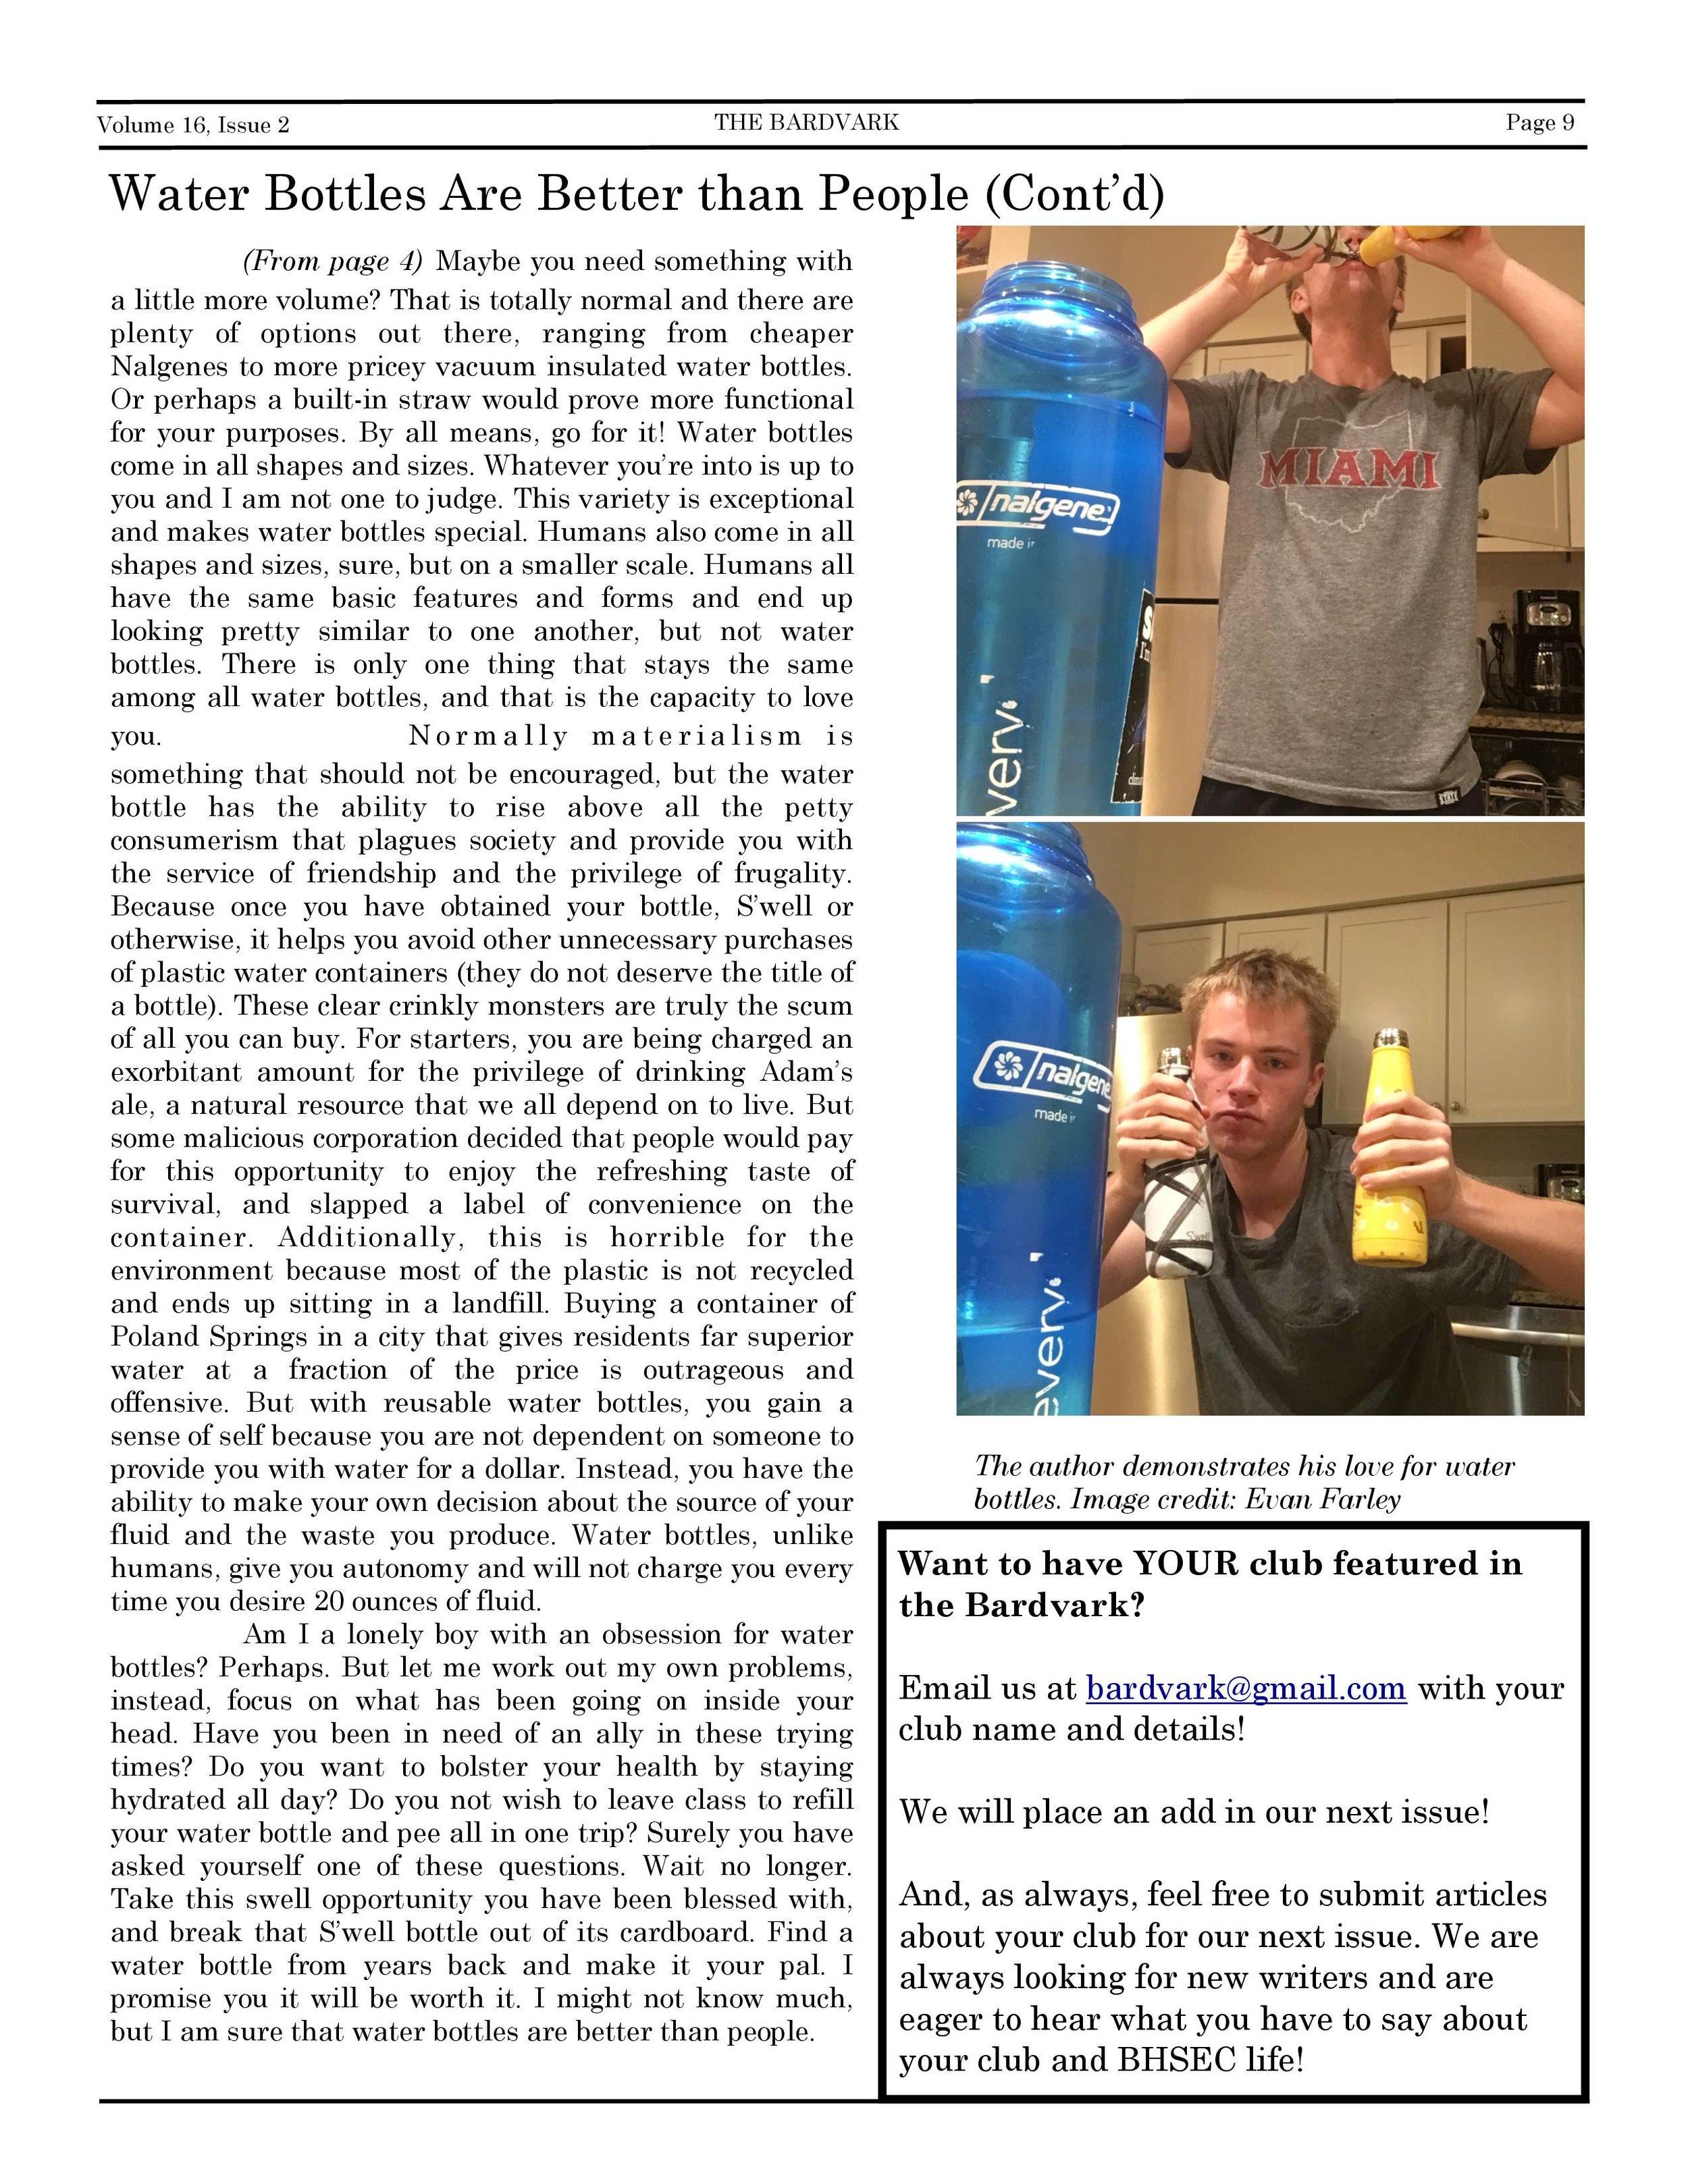 Issue 2 October 2018-9.jpg